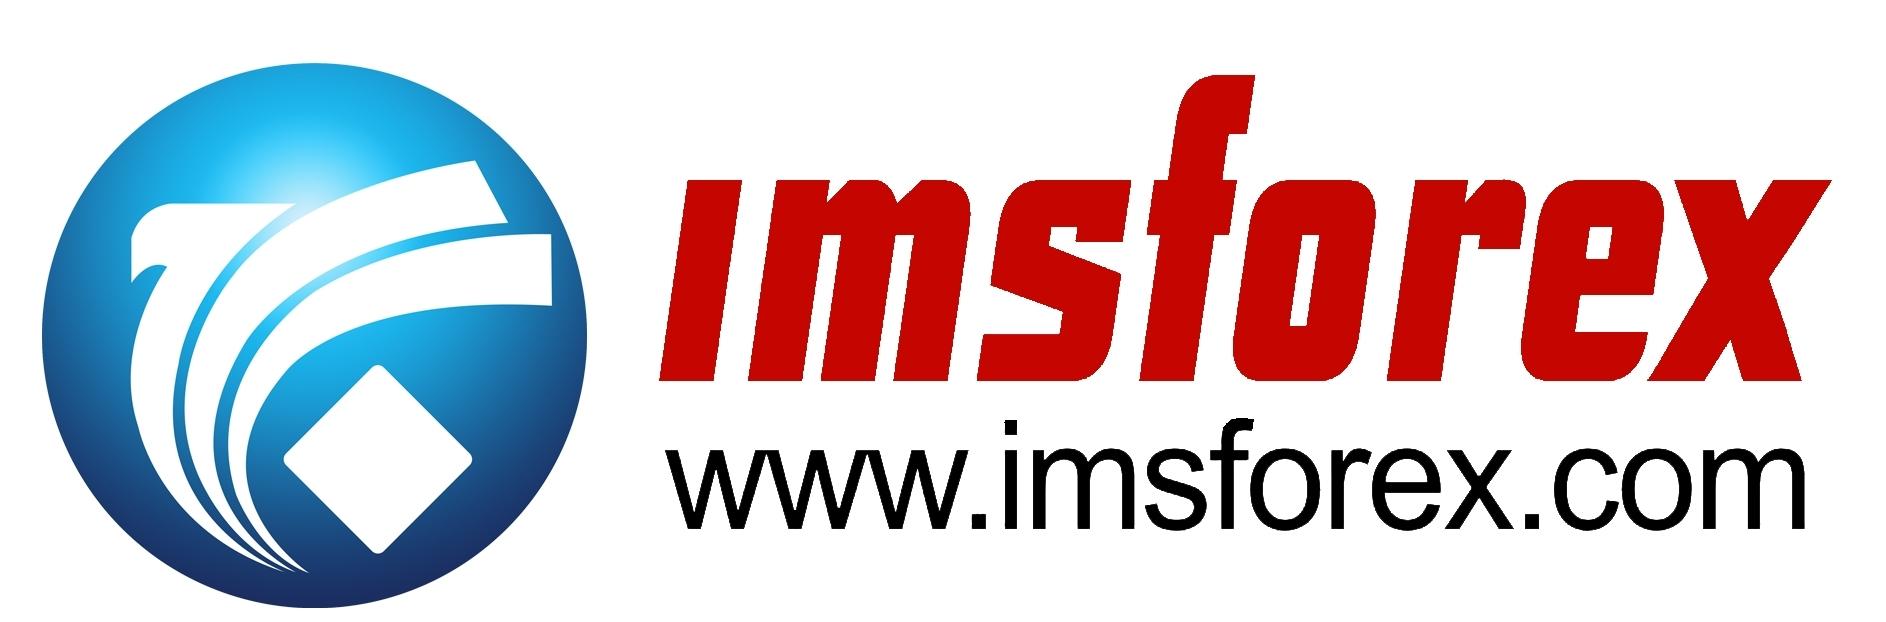 Imsforex